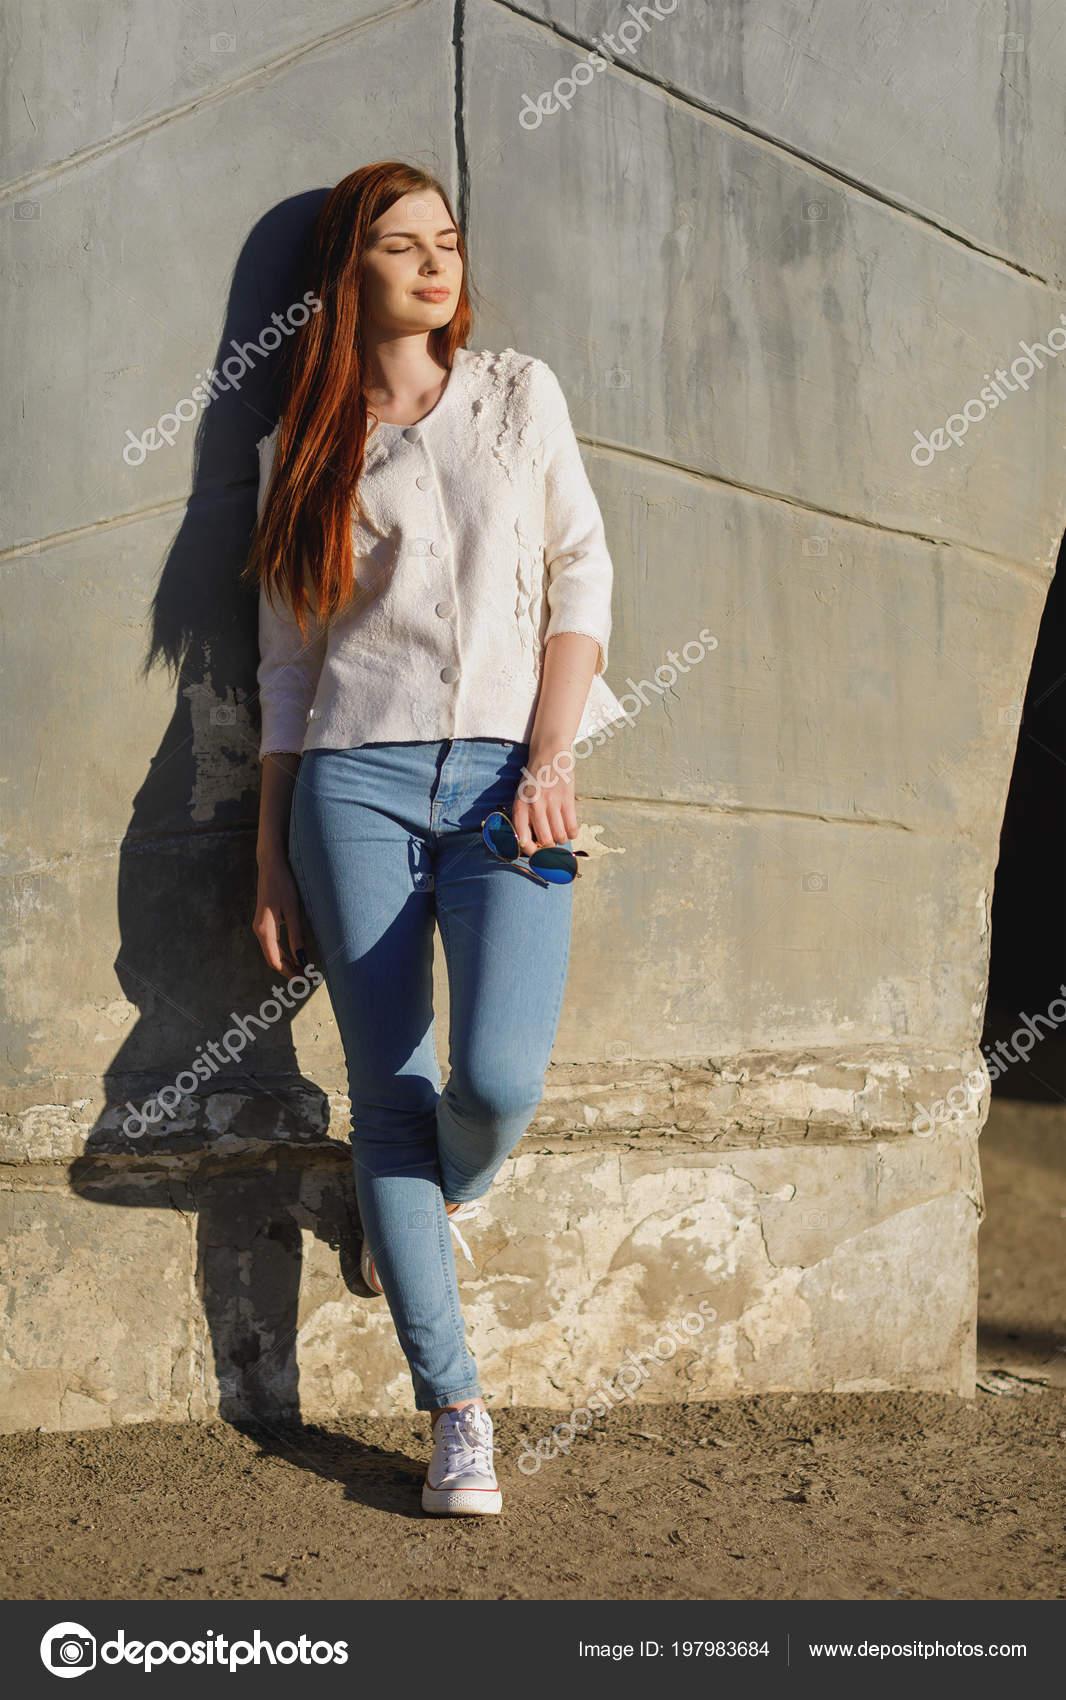 132483d6403609 Concepto sobre el tema de ropa moderna - chica hermosa elegante en una  chaqueta a mano cerca de la pared en una tarde soleada de primavera– imagen  de stock